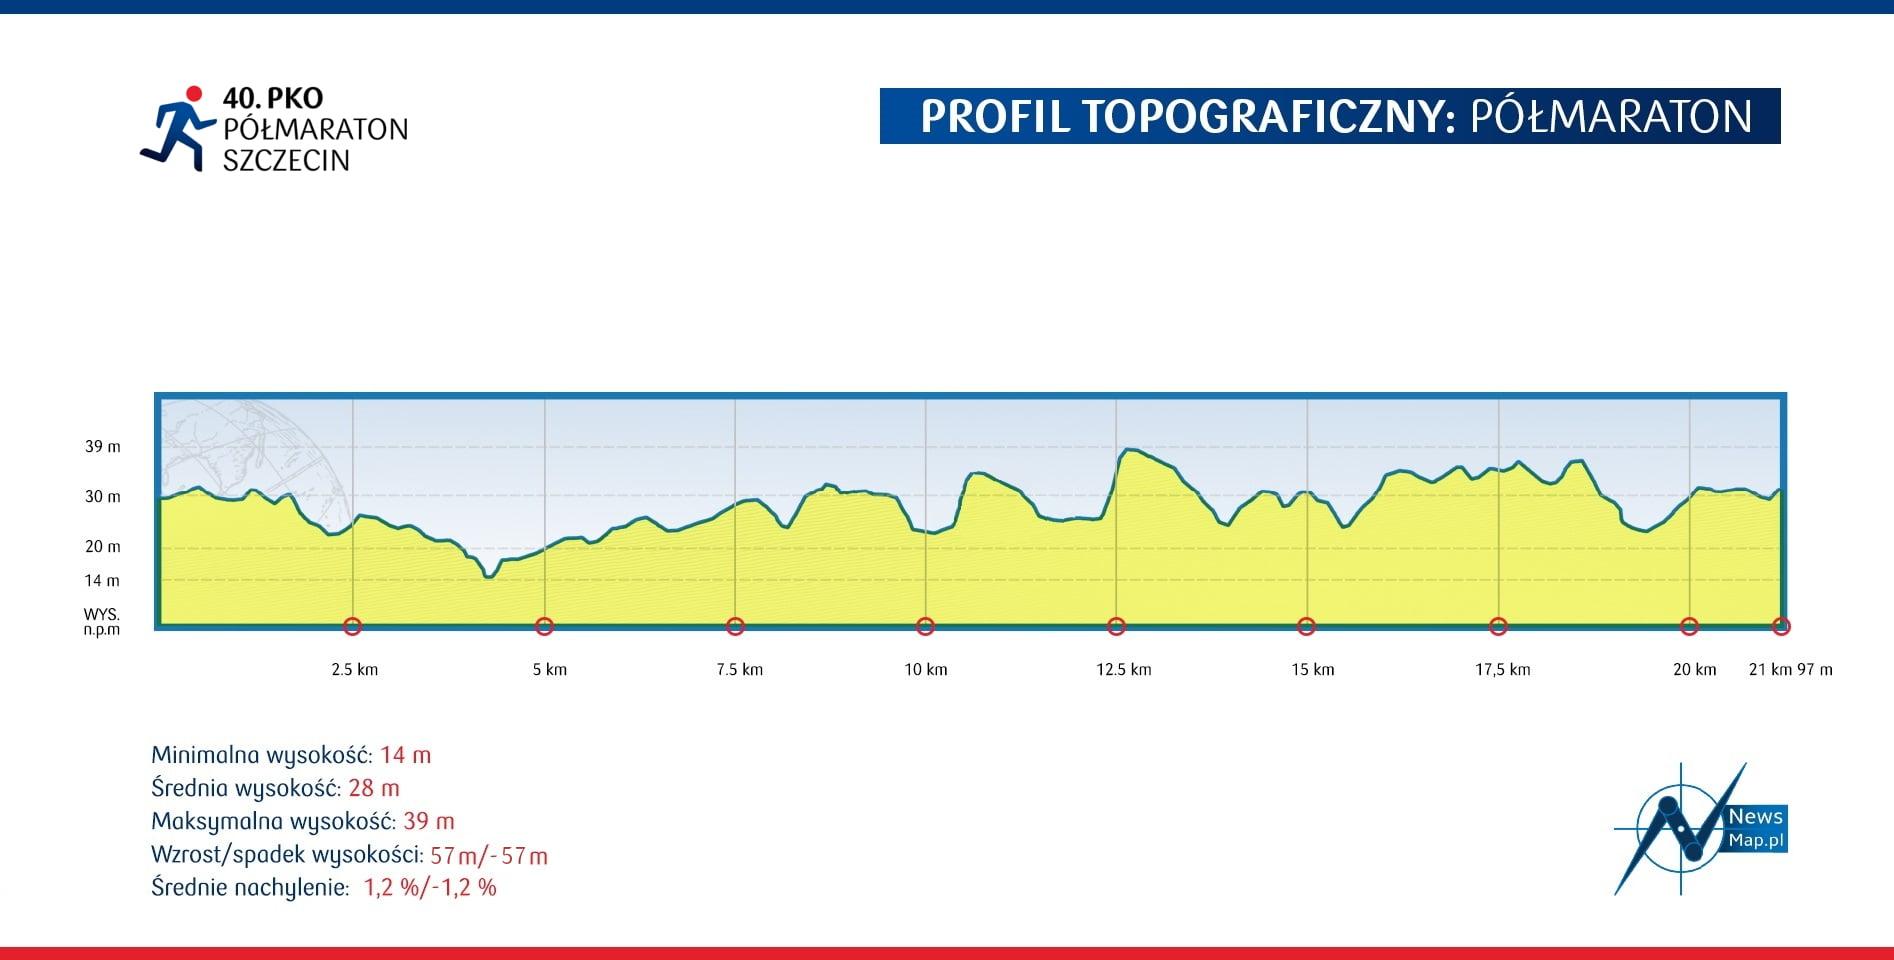 40pko_profil_polmaraton (1)